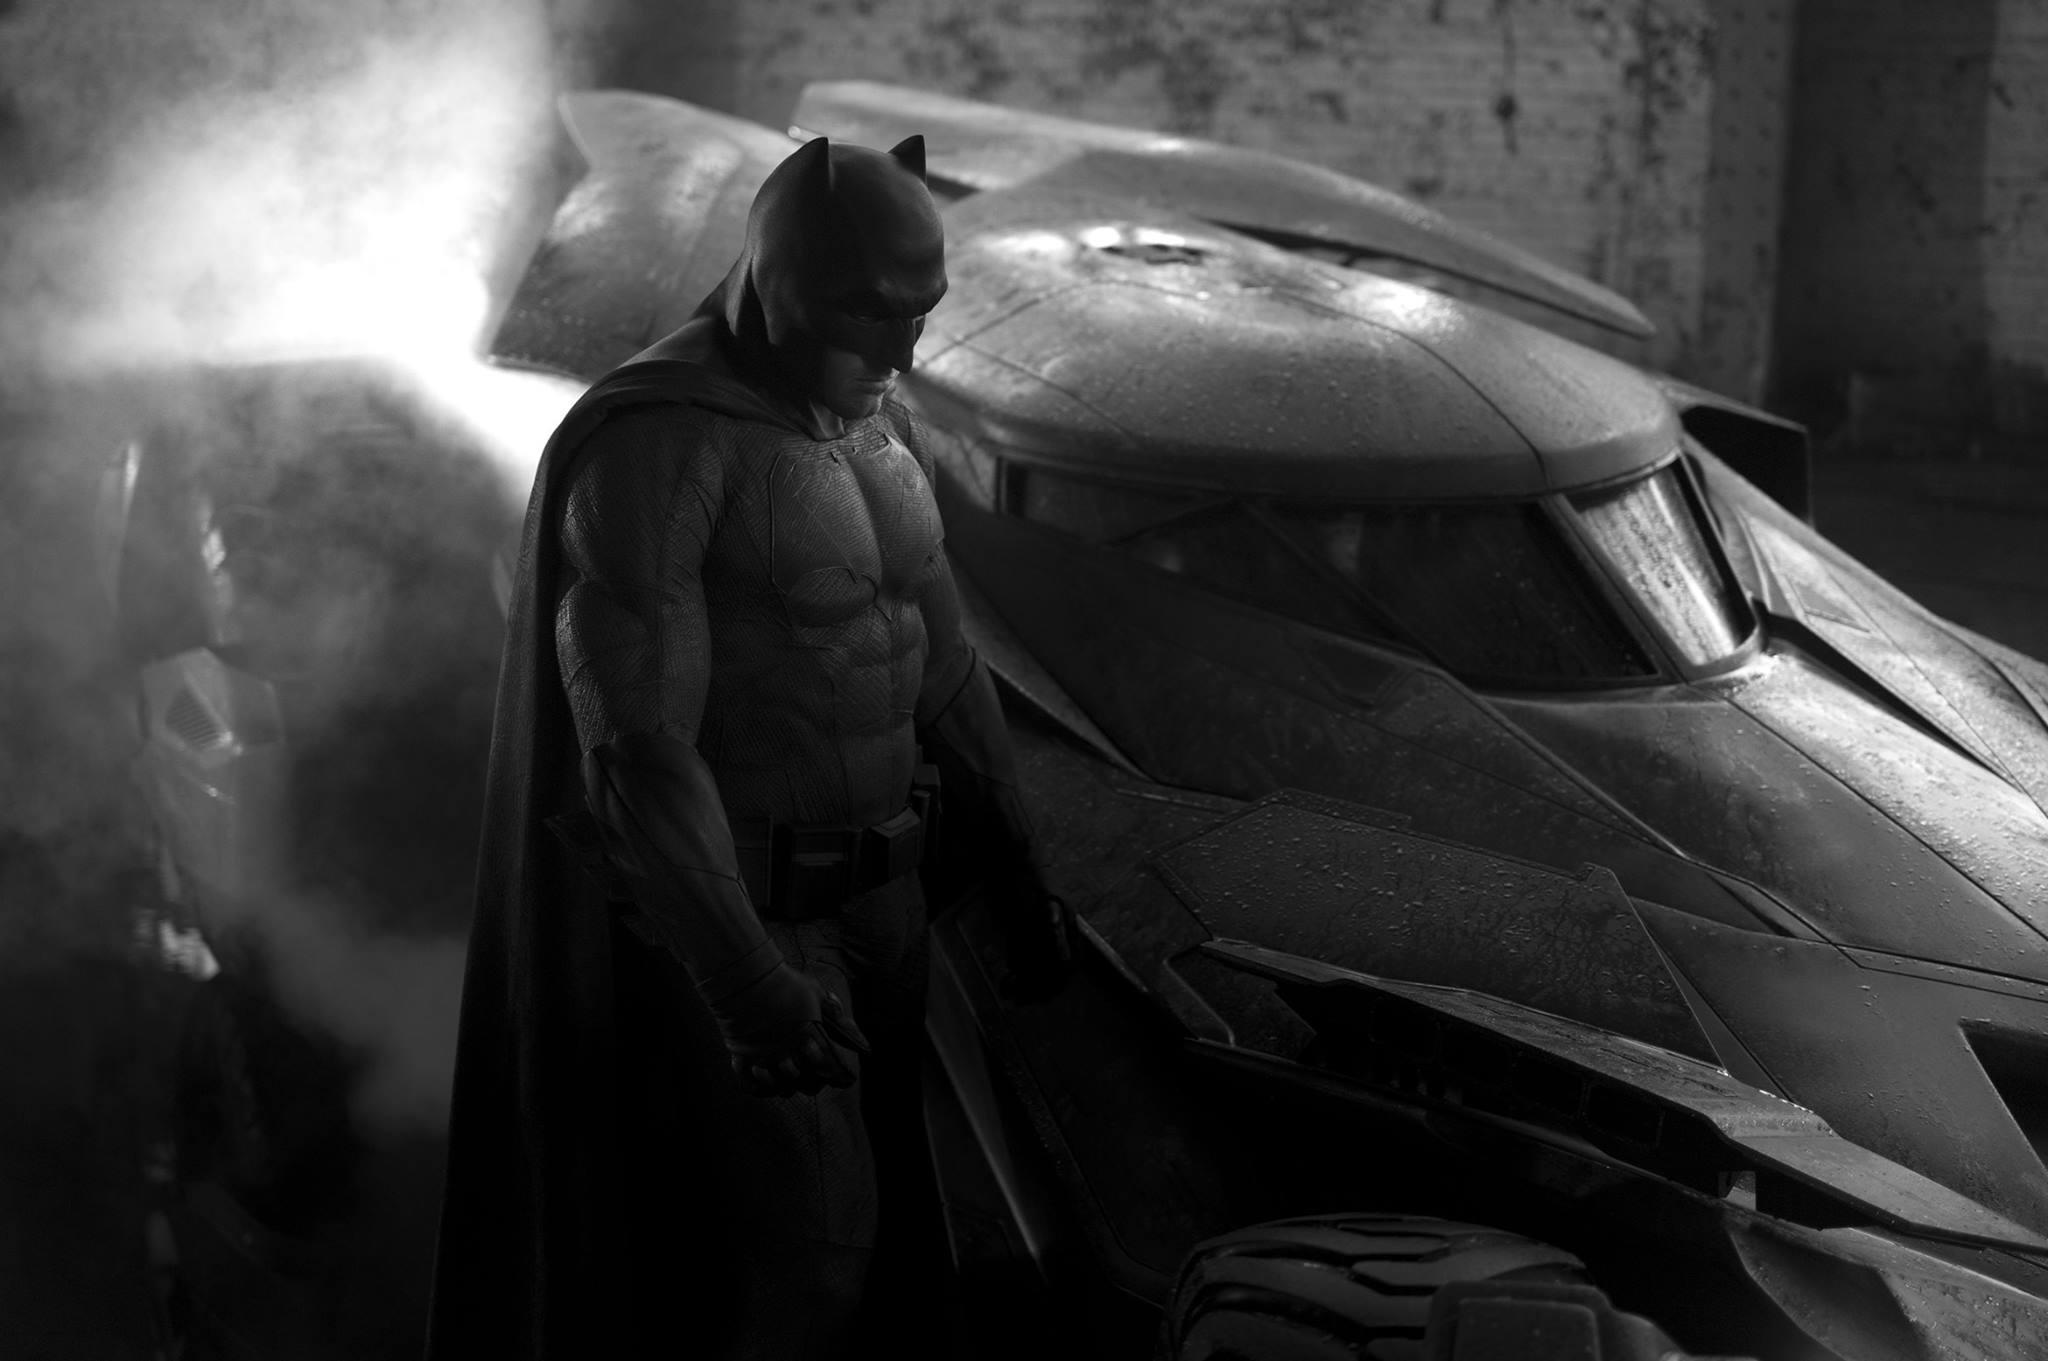 The Batman, Justice League, Batman v Superman